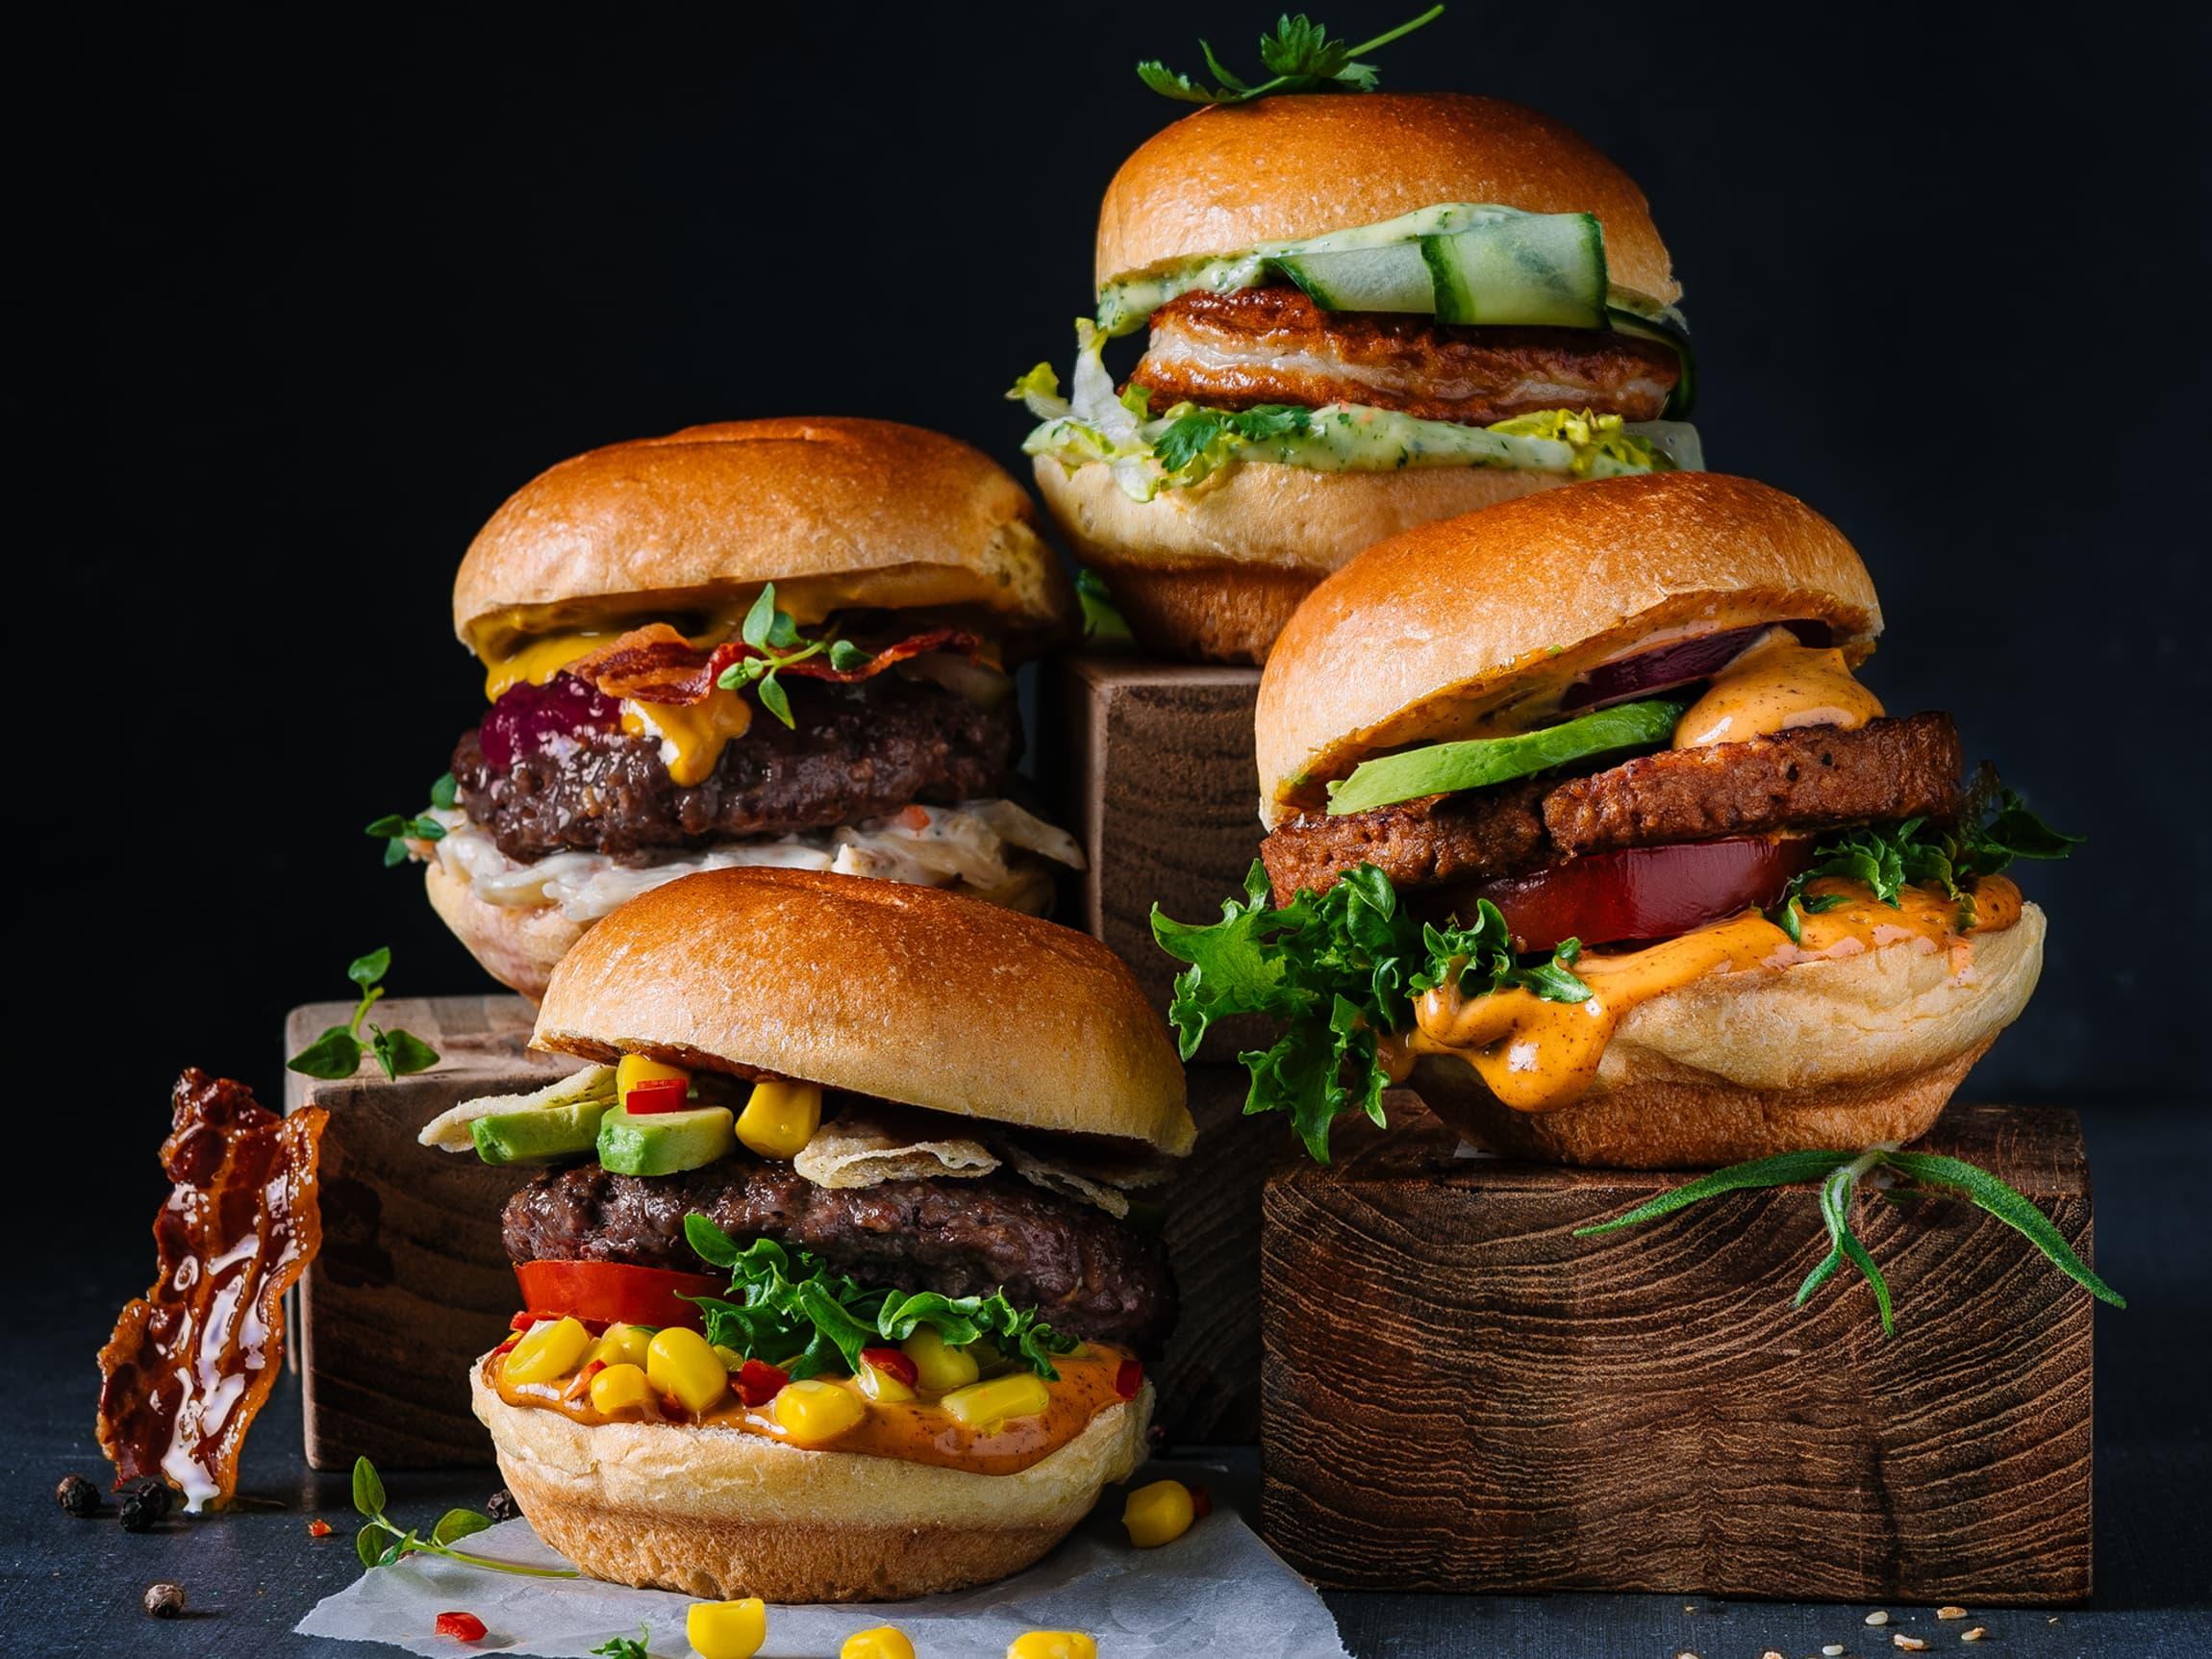 Utforsk nye smaker på hver burger. Med sliders får du den gode burgeropplevelsen og prøve mange forskjellige toppinger i samme måltid.